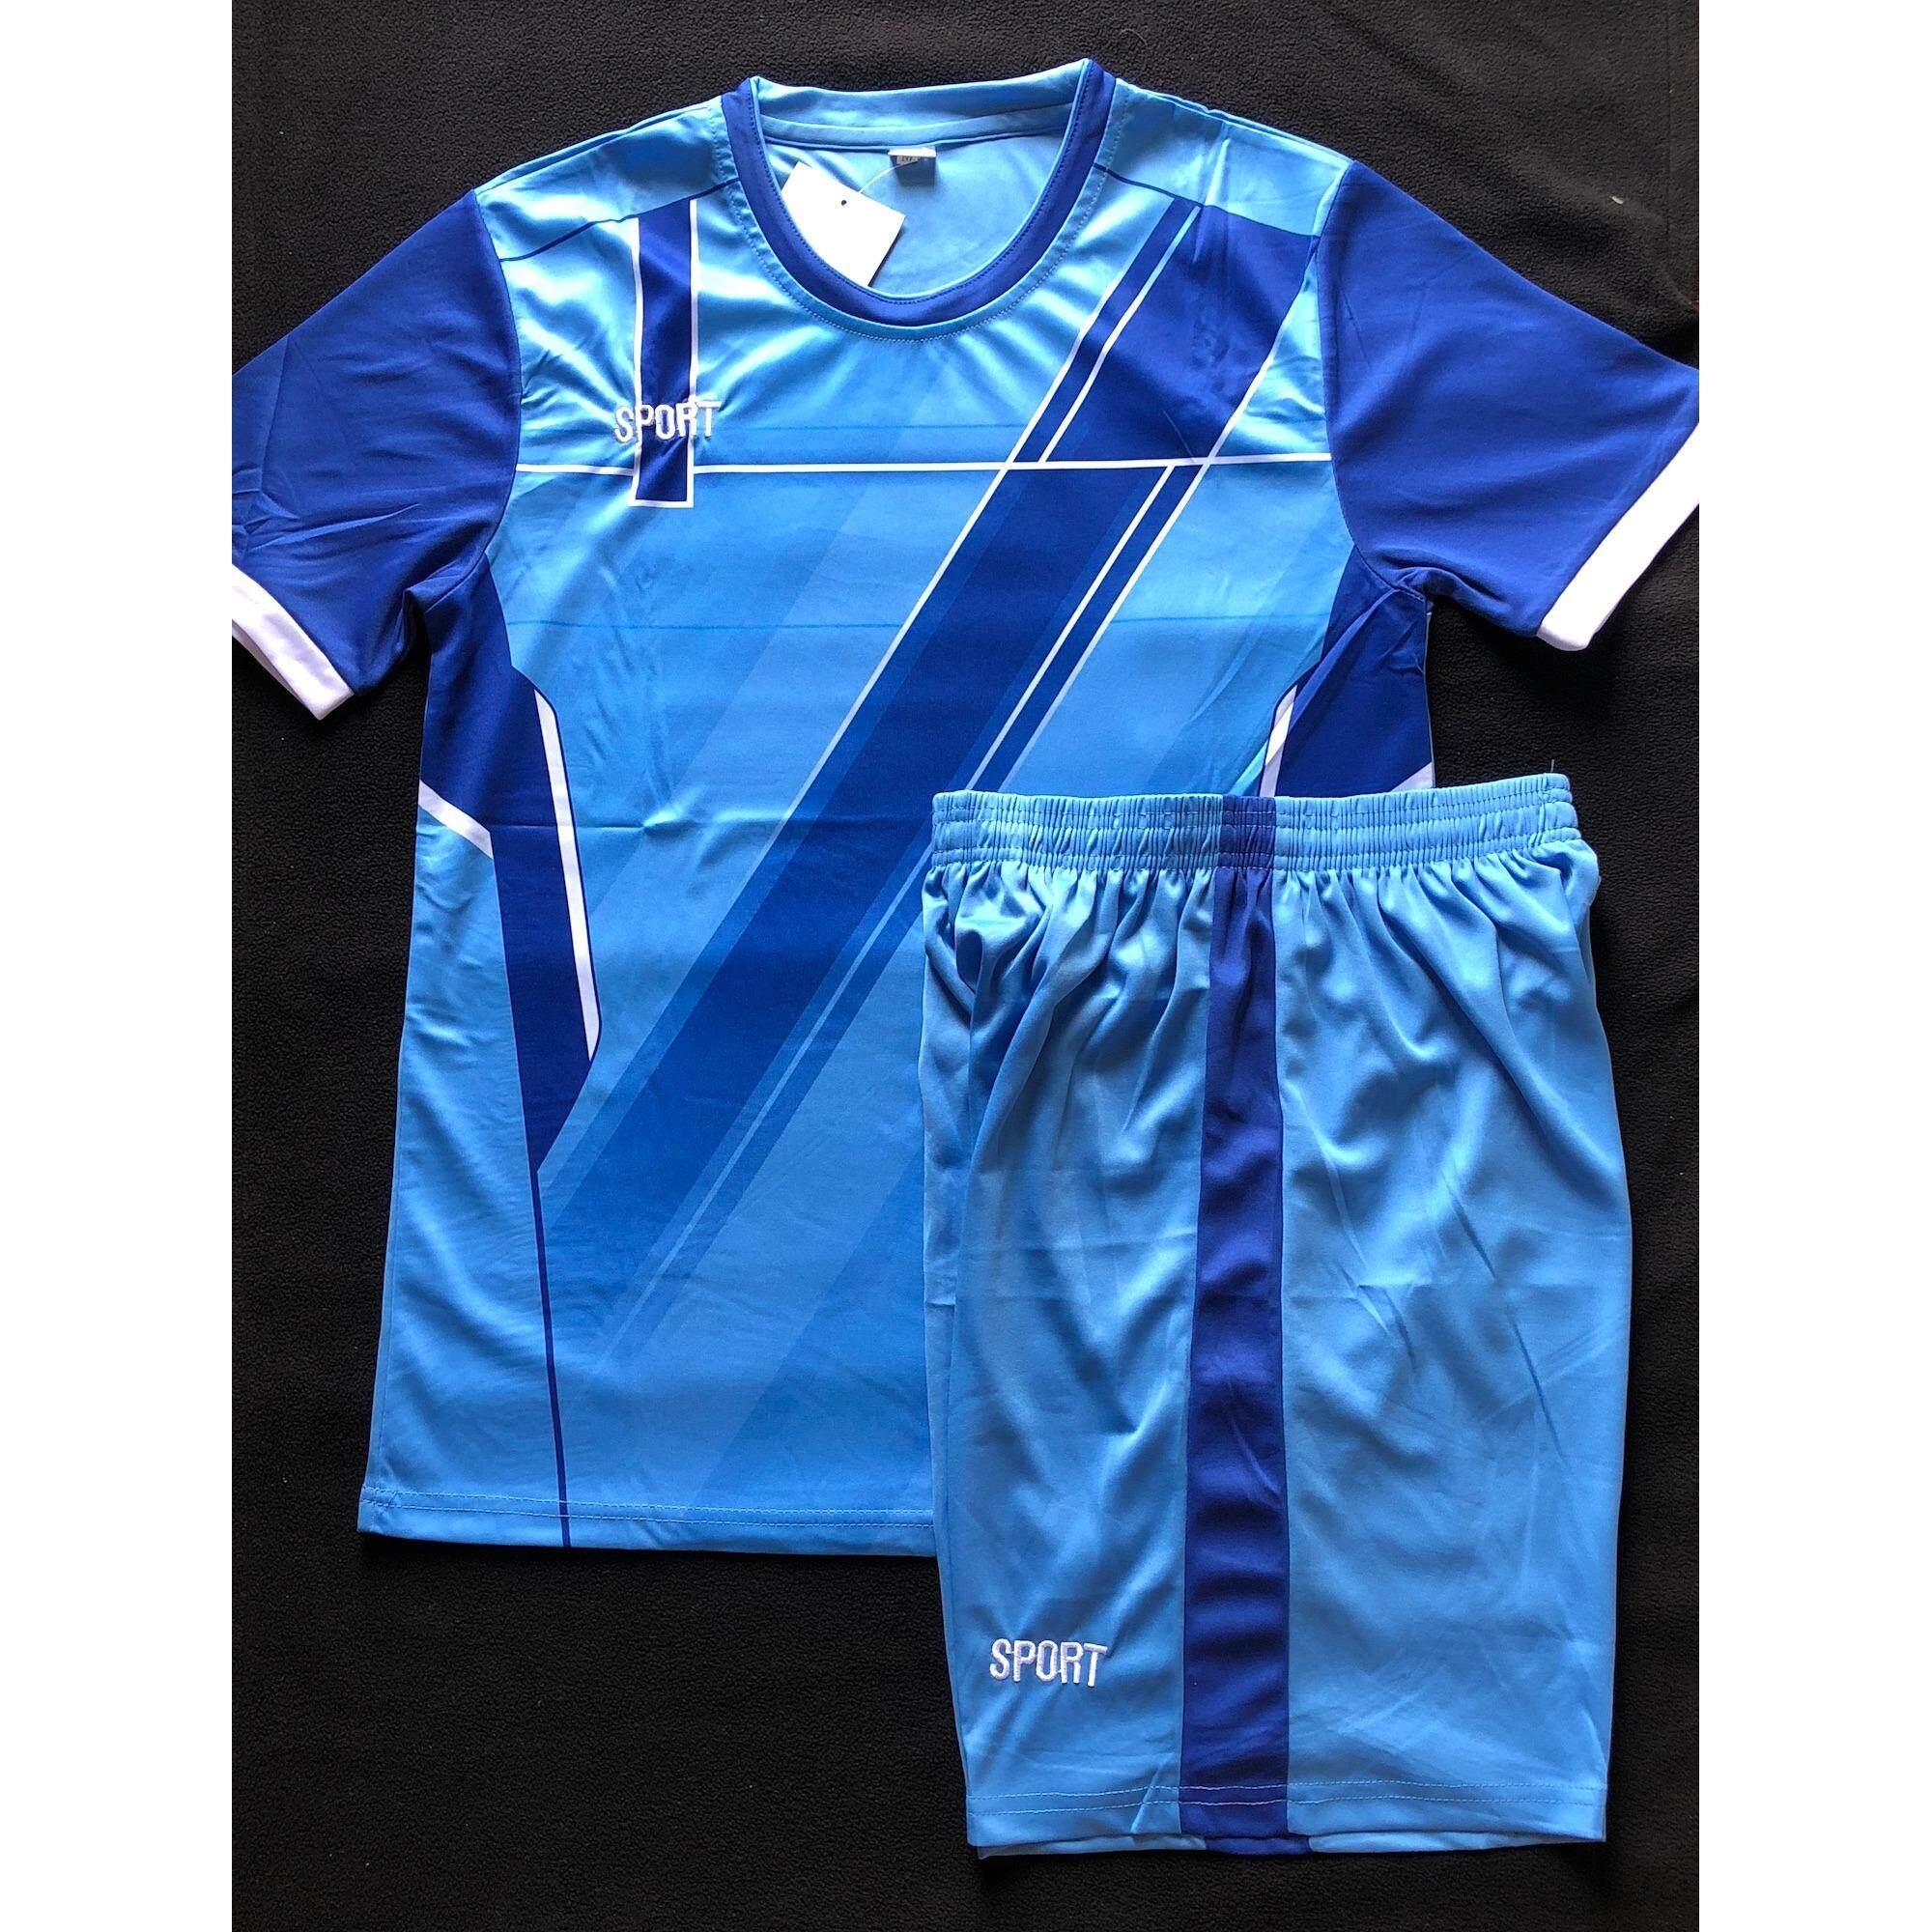 ส่วนลด Sports ชุดฟุตบอลสำหรับผู้ใหญ่ เสื้อ กางเกง สีฟ้าแต่งน้ำเงิน Model7 Sports